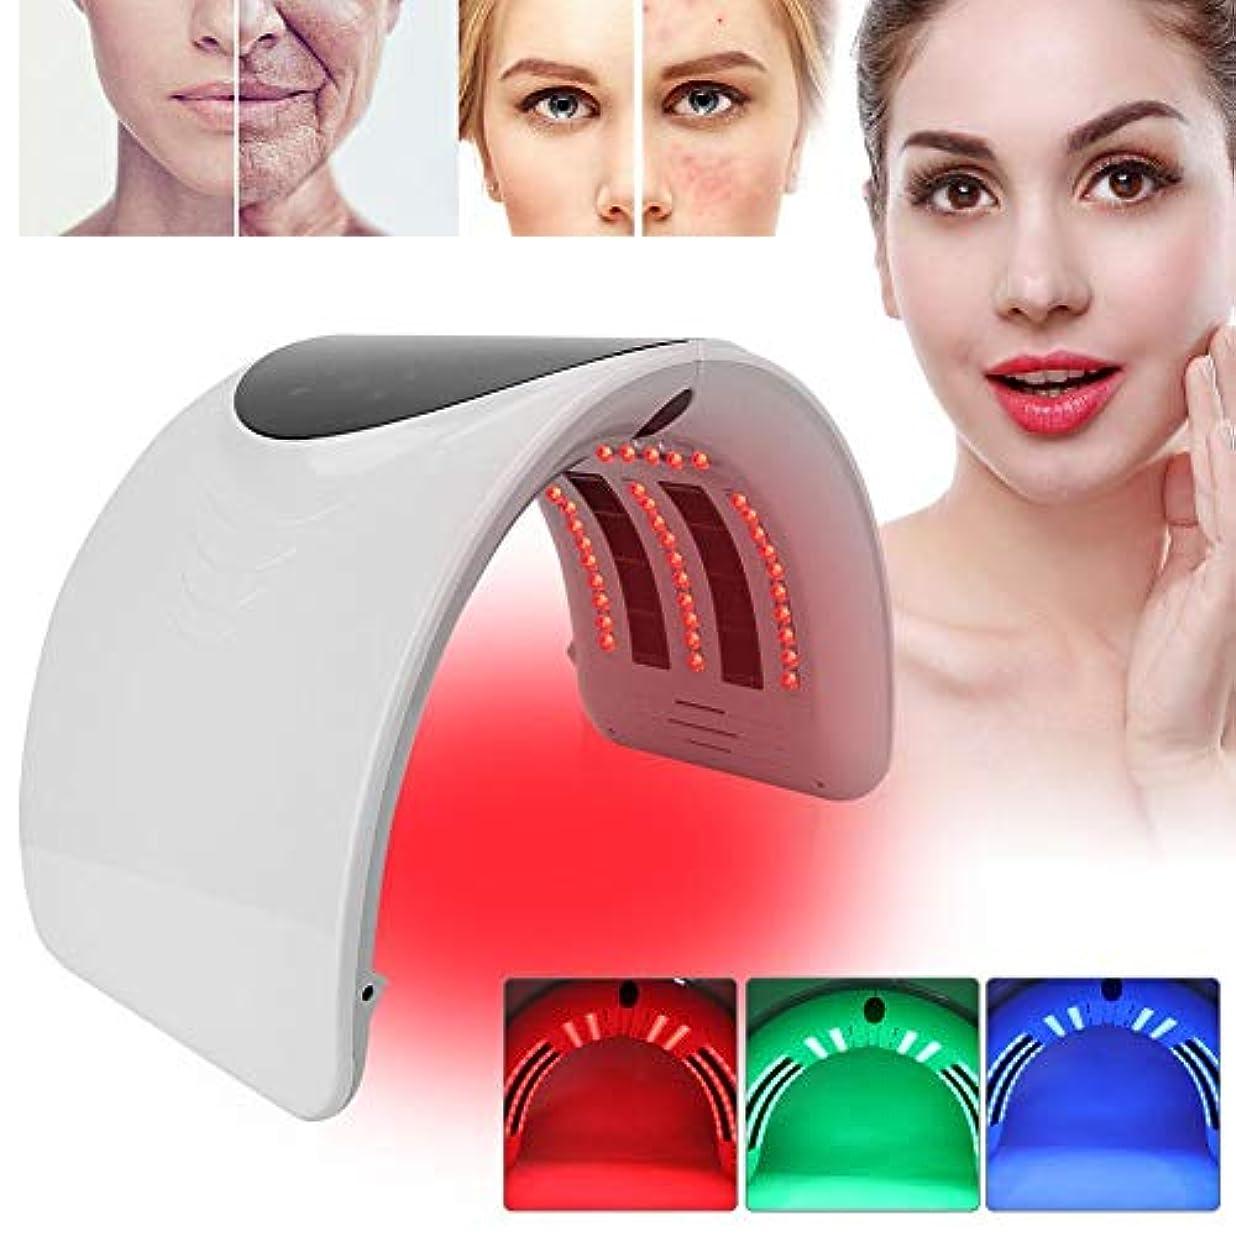 消毒剤人柄バリーPDTの軽い療法の美顔術機械、6色の新しい折り畳み式アクネの取り外しのスキンケアの処置機械(01)